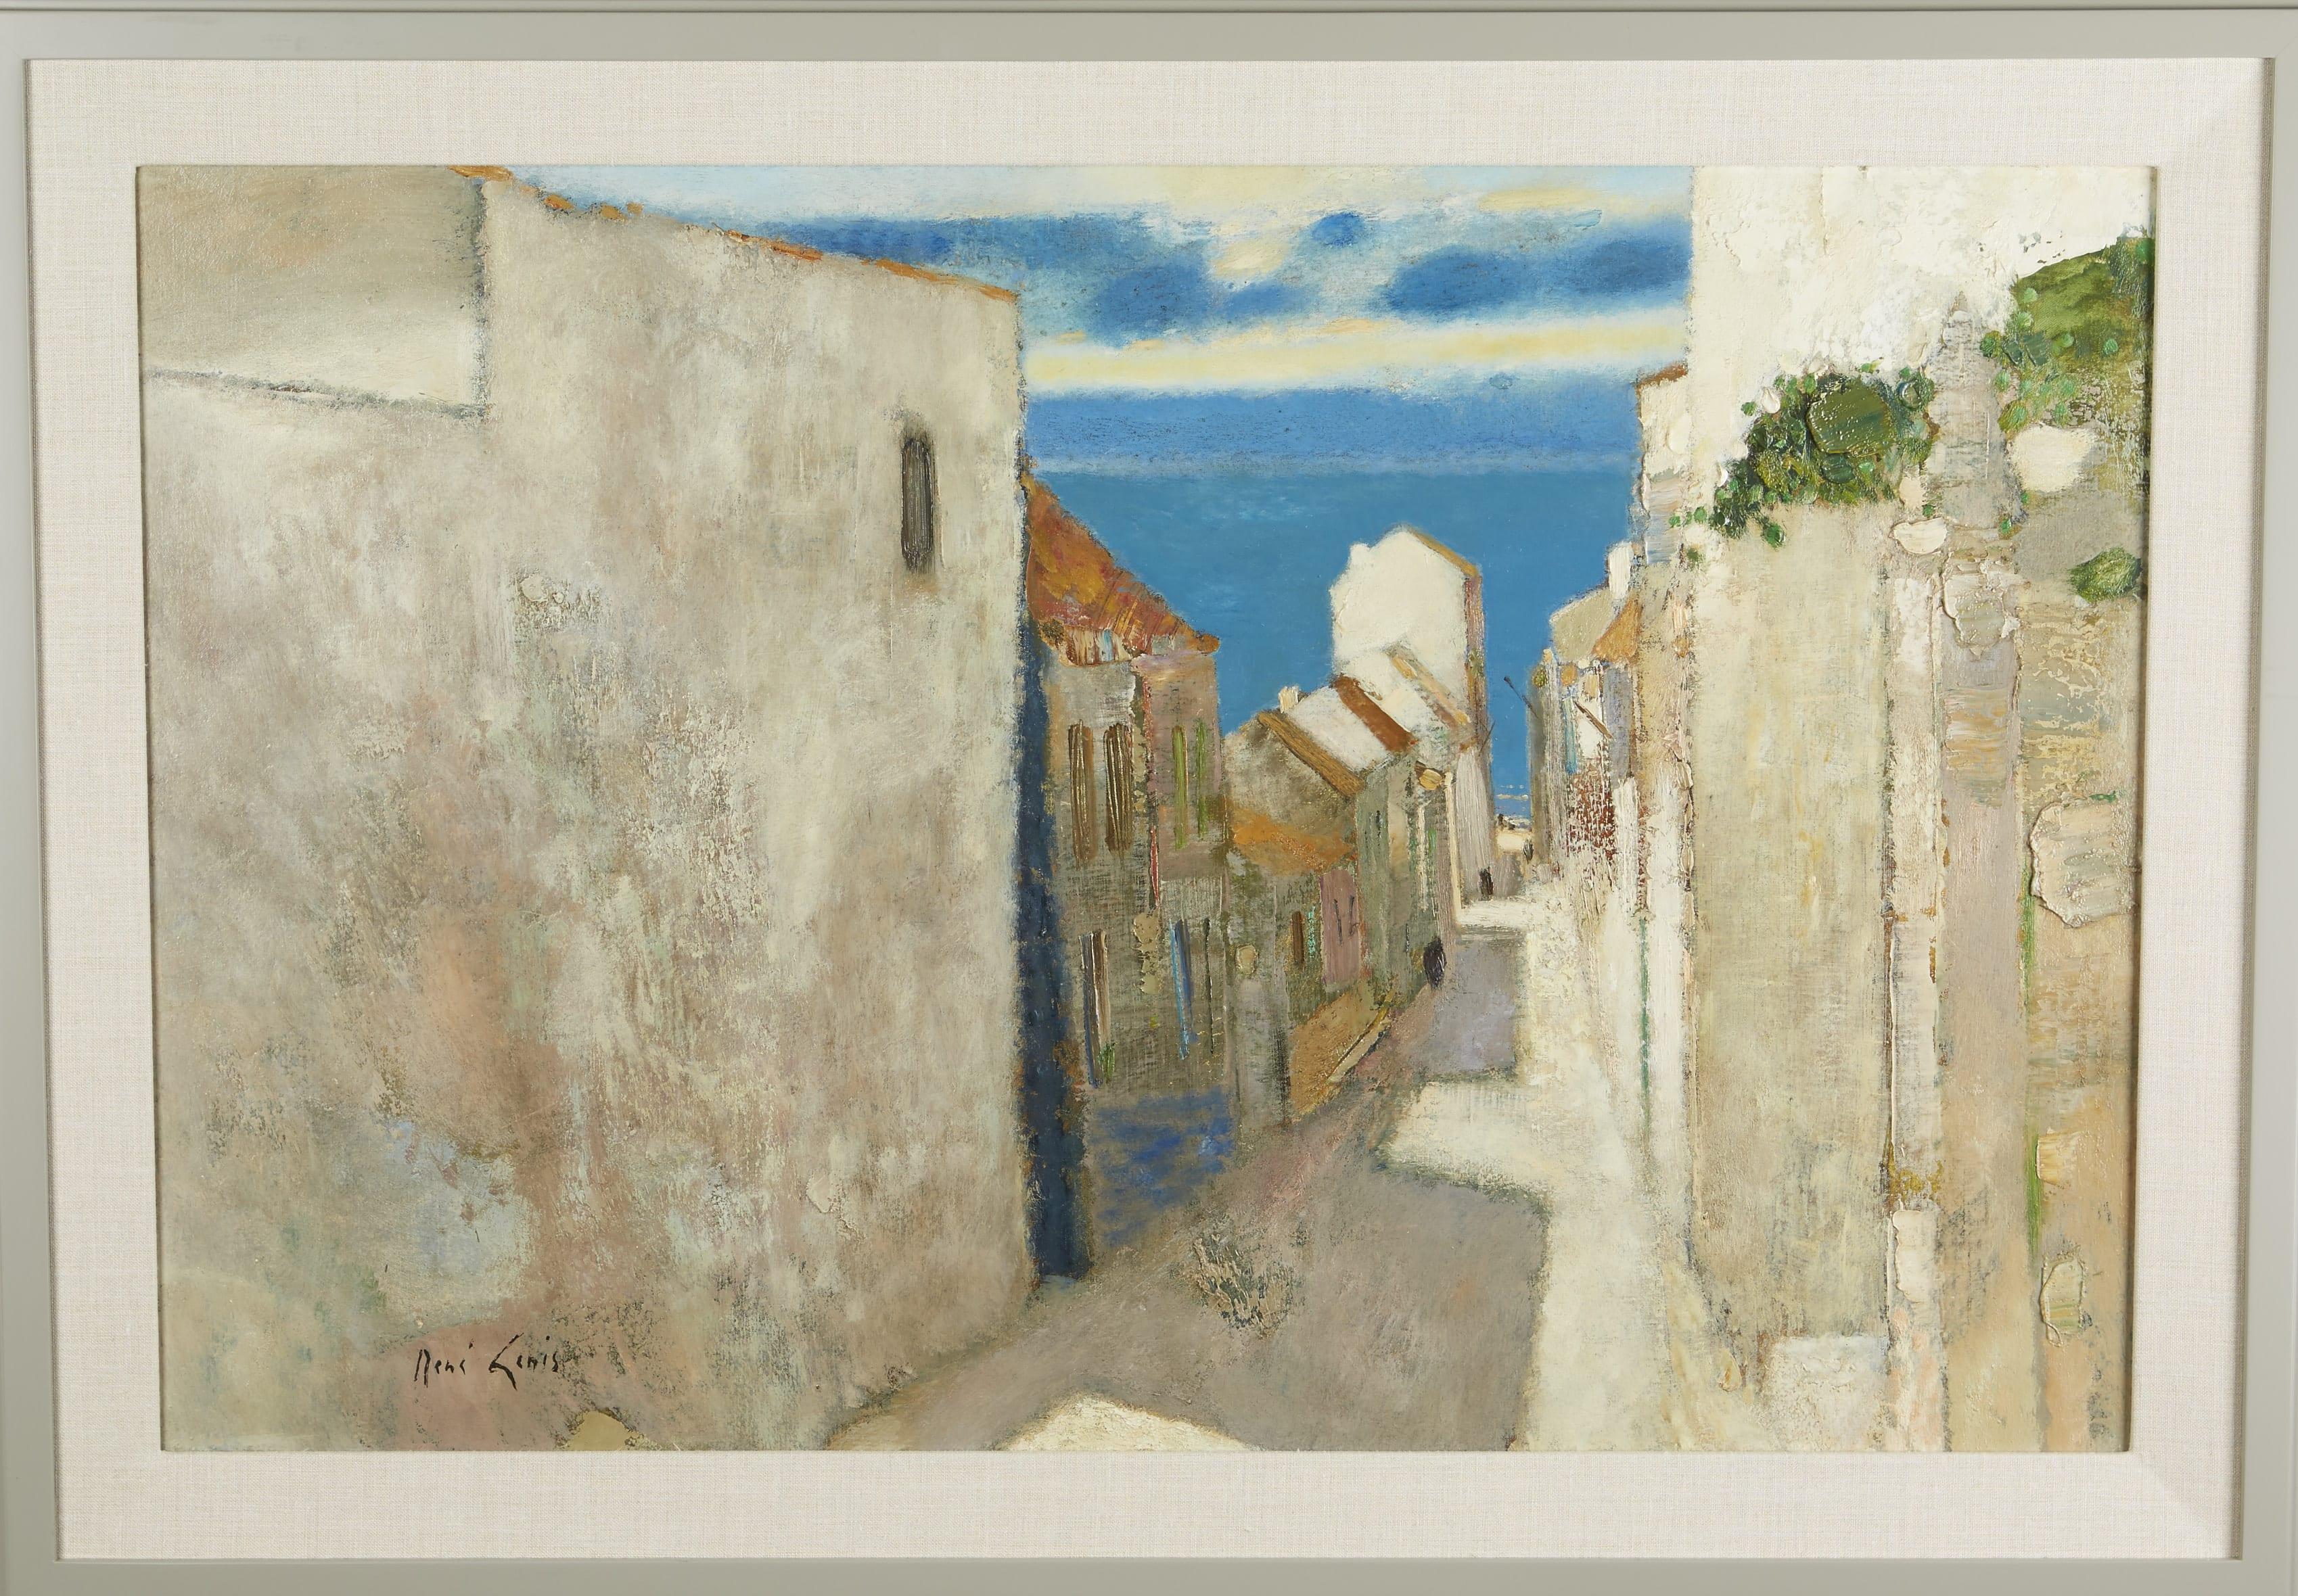 Lot 123: Rene Genis Rue Vers de la Mer Oil on Canvas